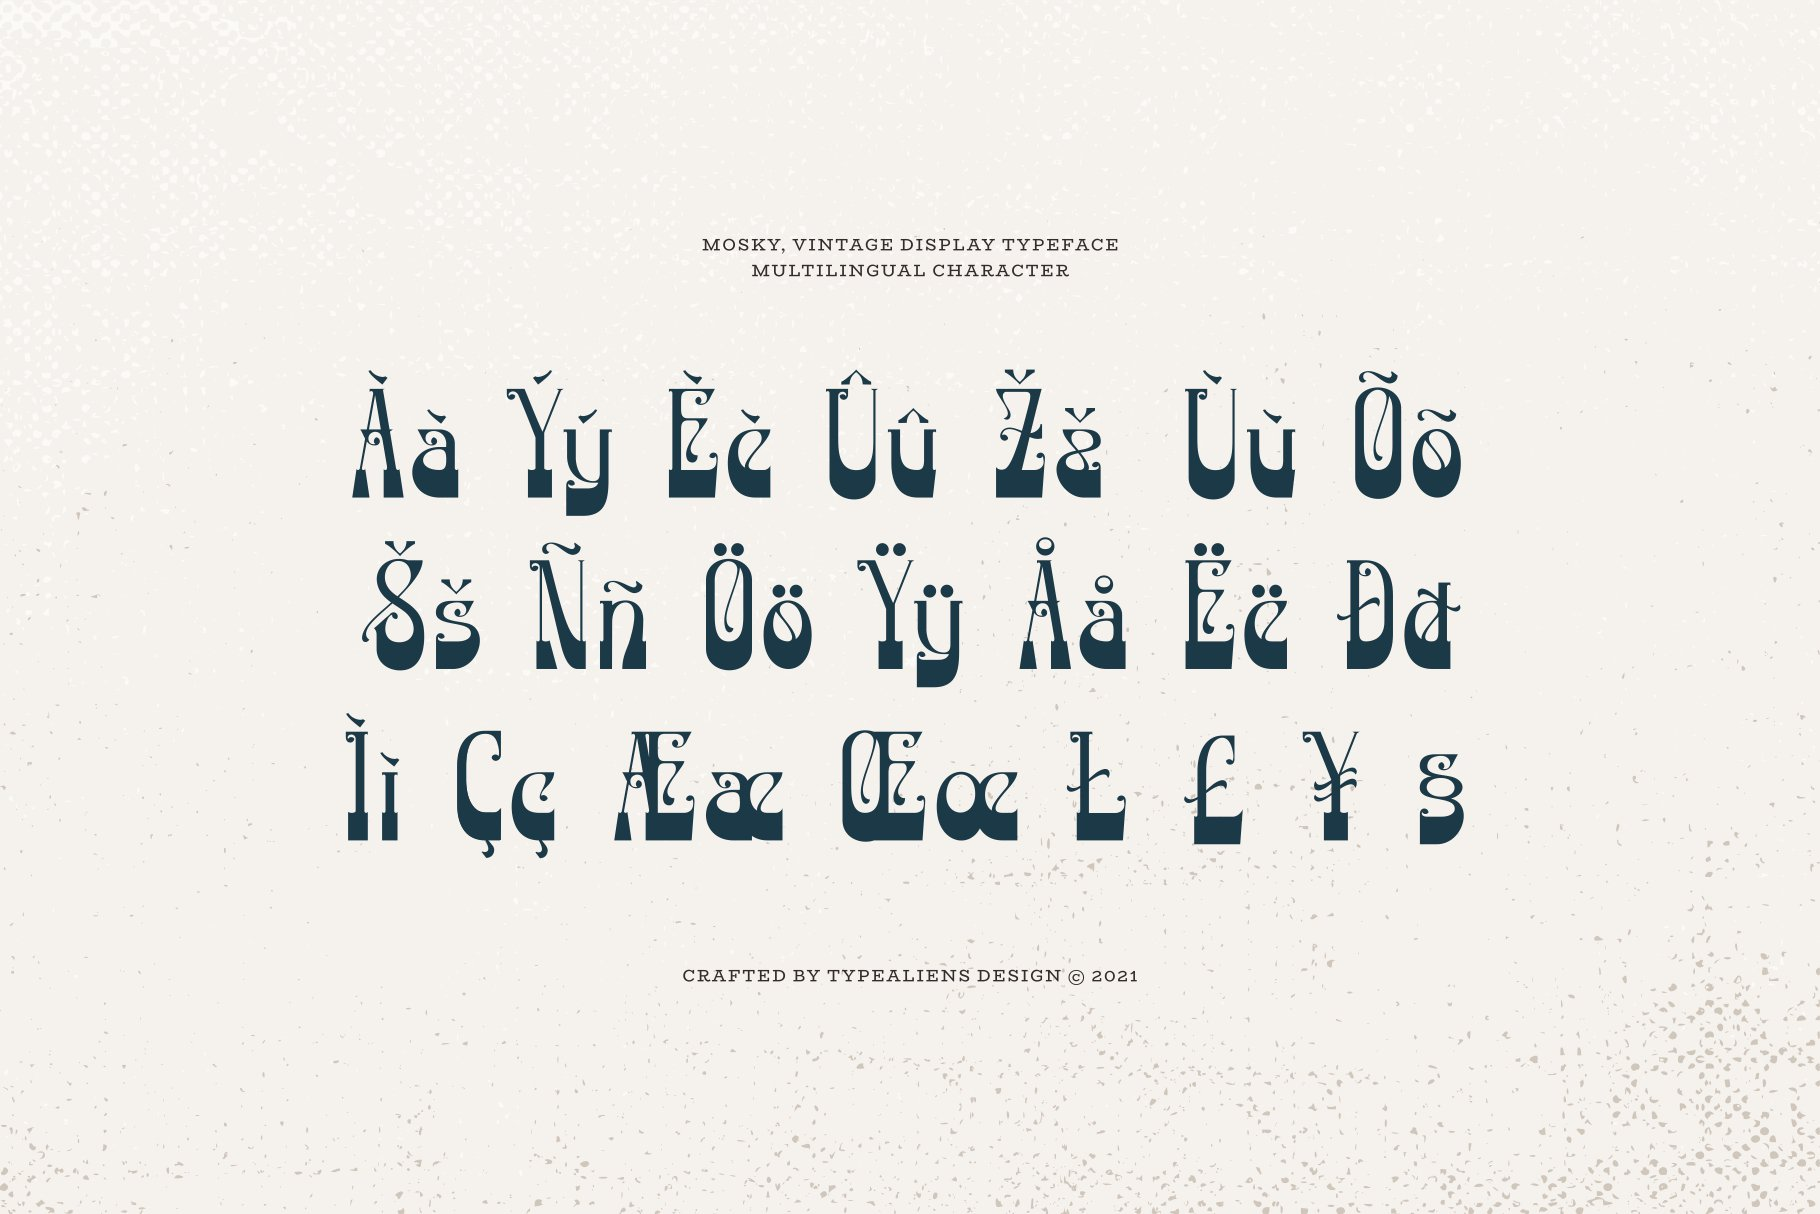 潮流复古逆反差酸性海报标题Logo衬线英文字体素材 Mosky Font插图8